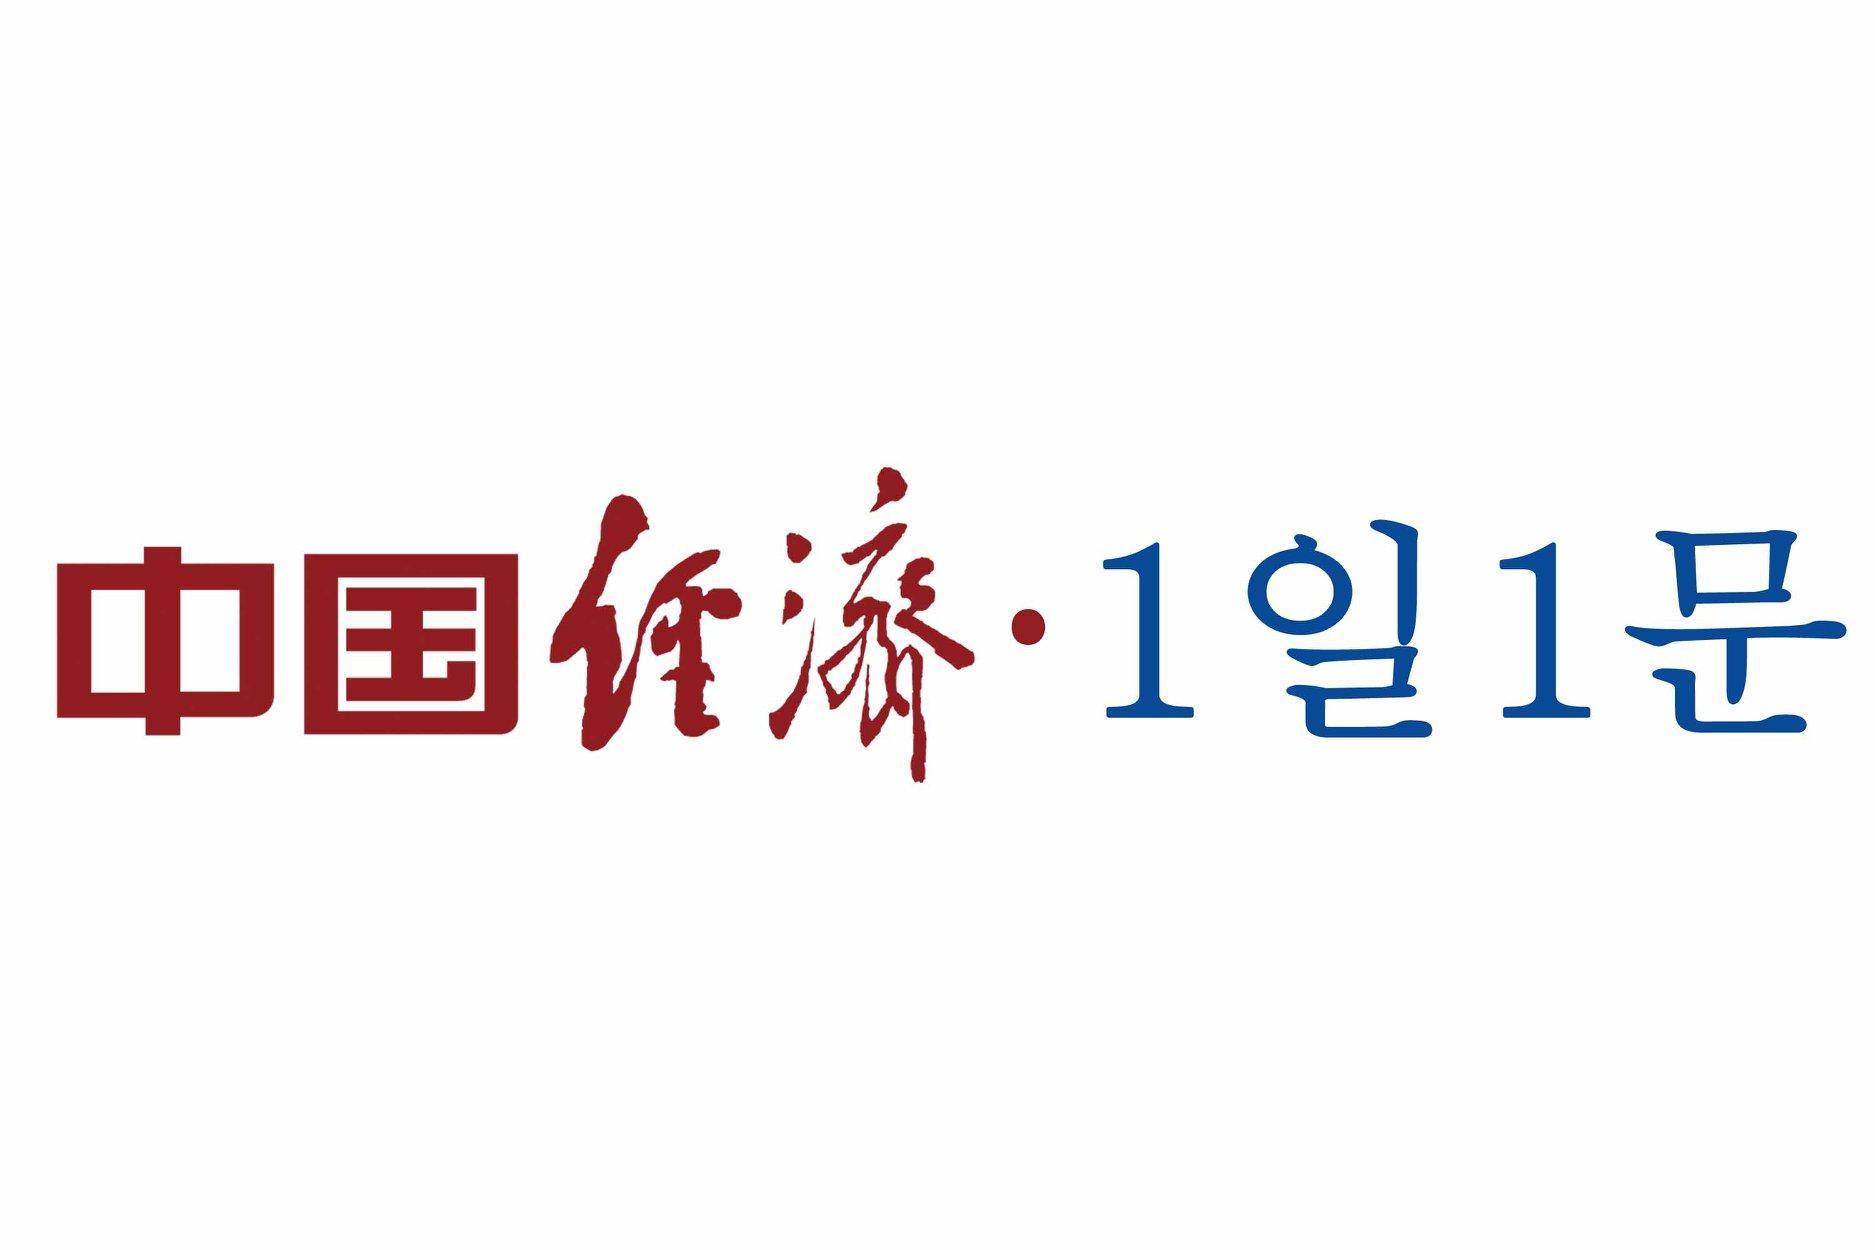 [중국경제 1일1문] 한국 정부는 규제 샌드박스의 시행을 촉진...신기술을 고속도로로 진입?